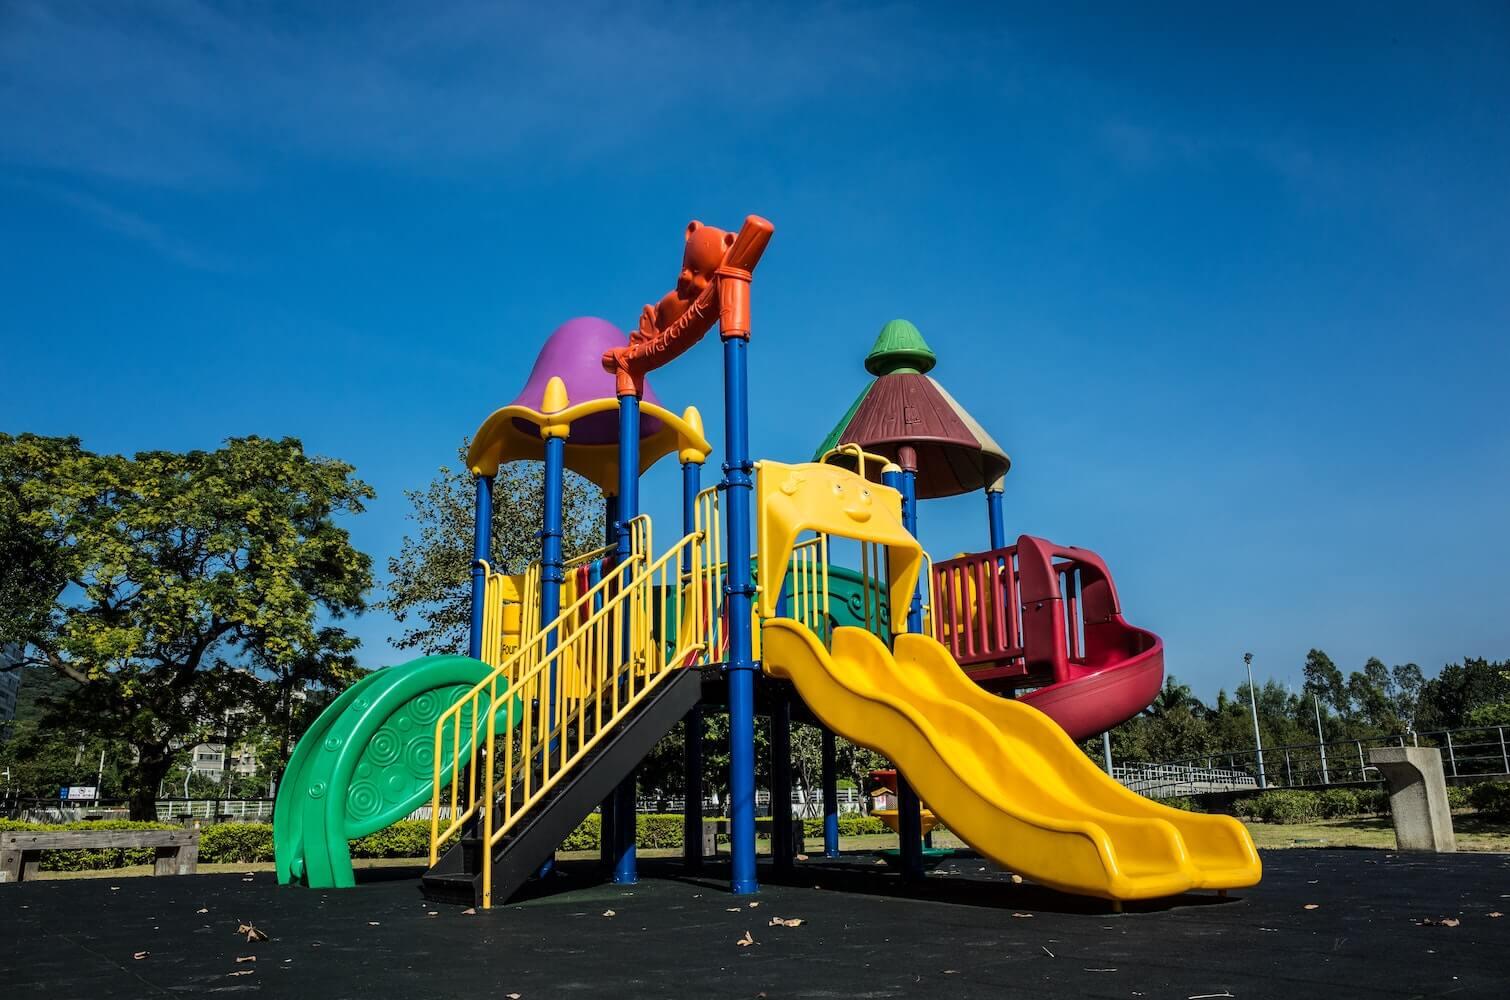 Jak urządzić mały plac zabaw dla dzieci?